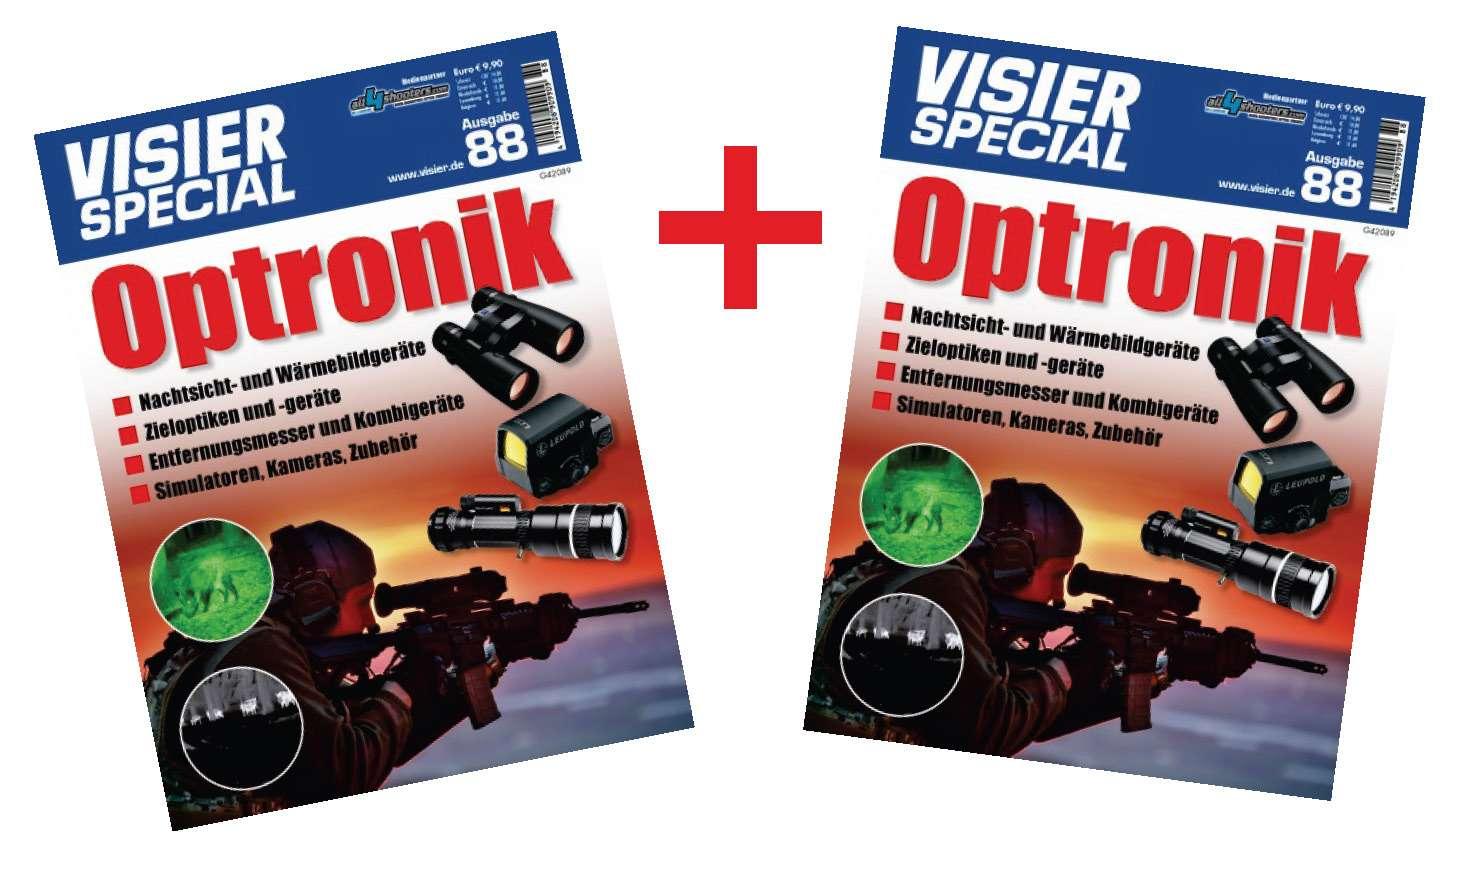 Laser Entfernungsmesser Wiki : Scharfschützen entfernungsmesser san repetierer